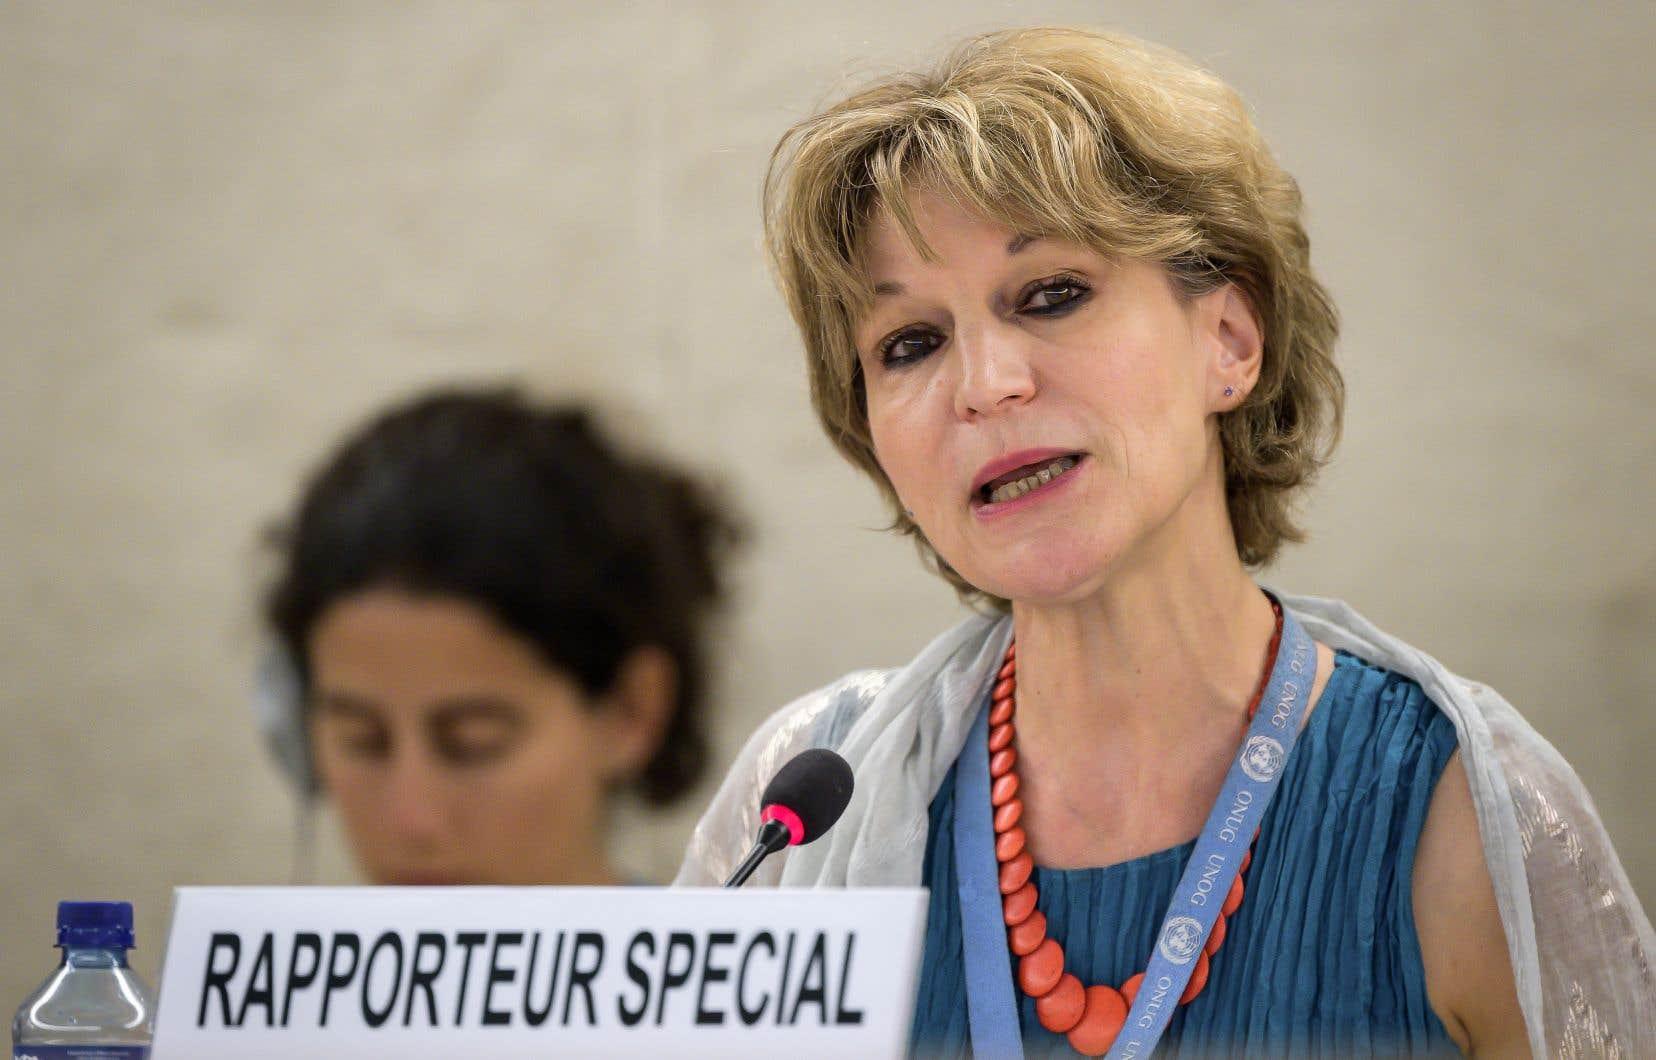 La rapporteuse spéciale des Nations unies, Agnès Callamard, a présenté son rapport sur l'assassinat de Jamal Khashoggi devant le Conseil des droits de l'Homme de l'ONU, à Genève.